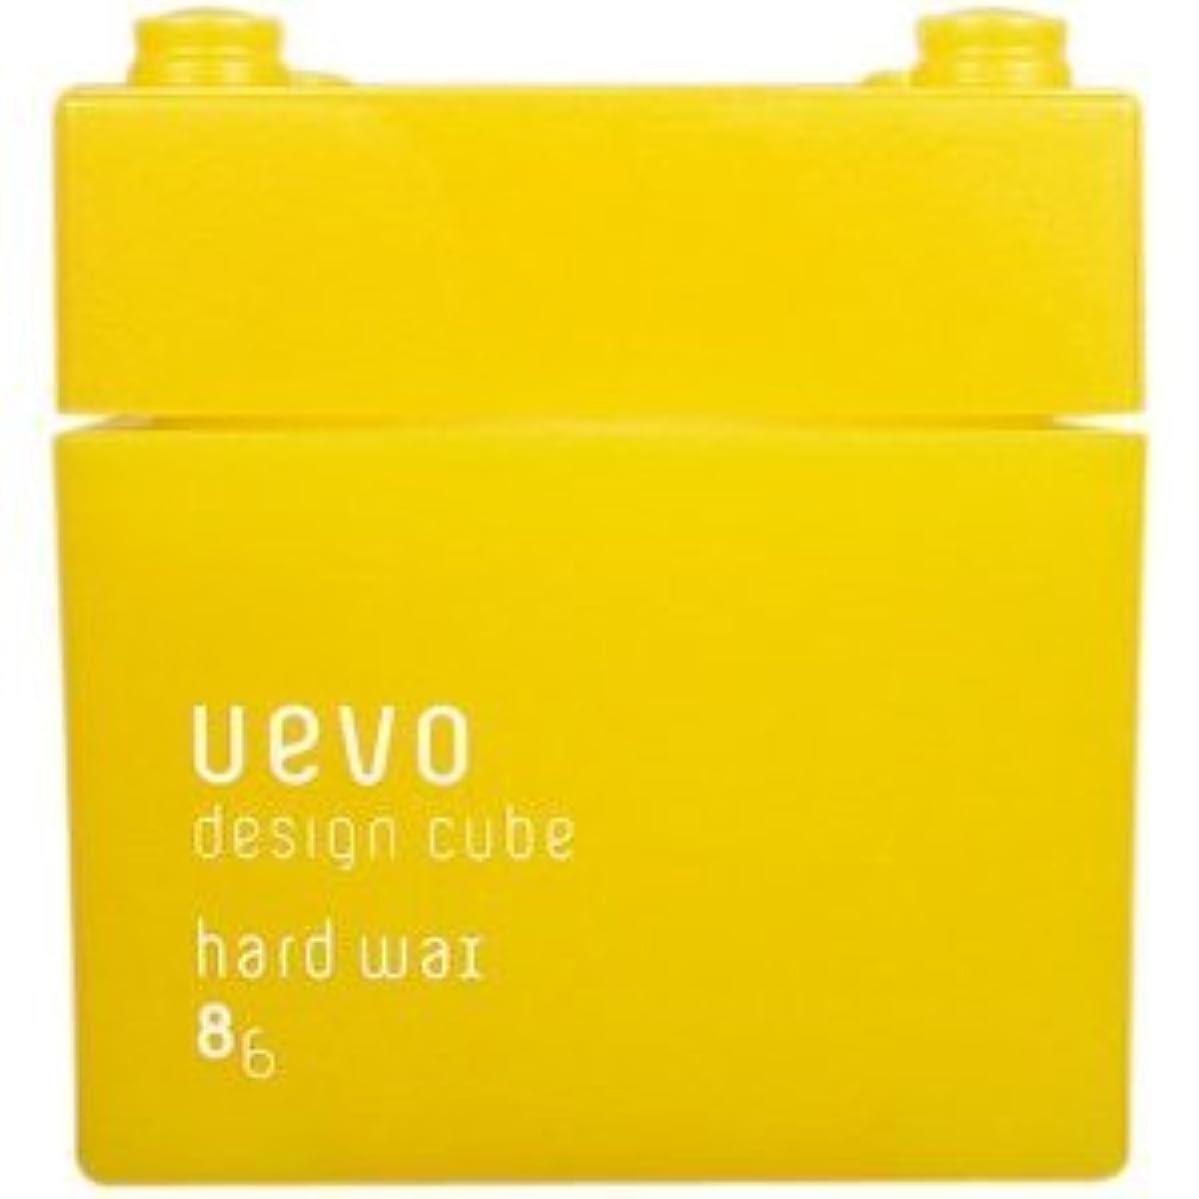 数学者面積のぞき見【X3個セット】 デミ ウェーボ デザインキューブ ハードワックス 80g hard wax DEMI uevo design cube